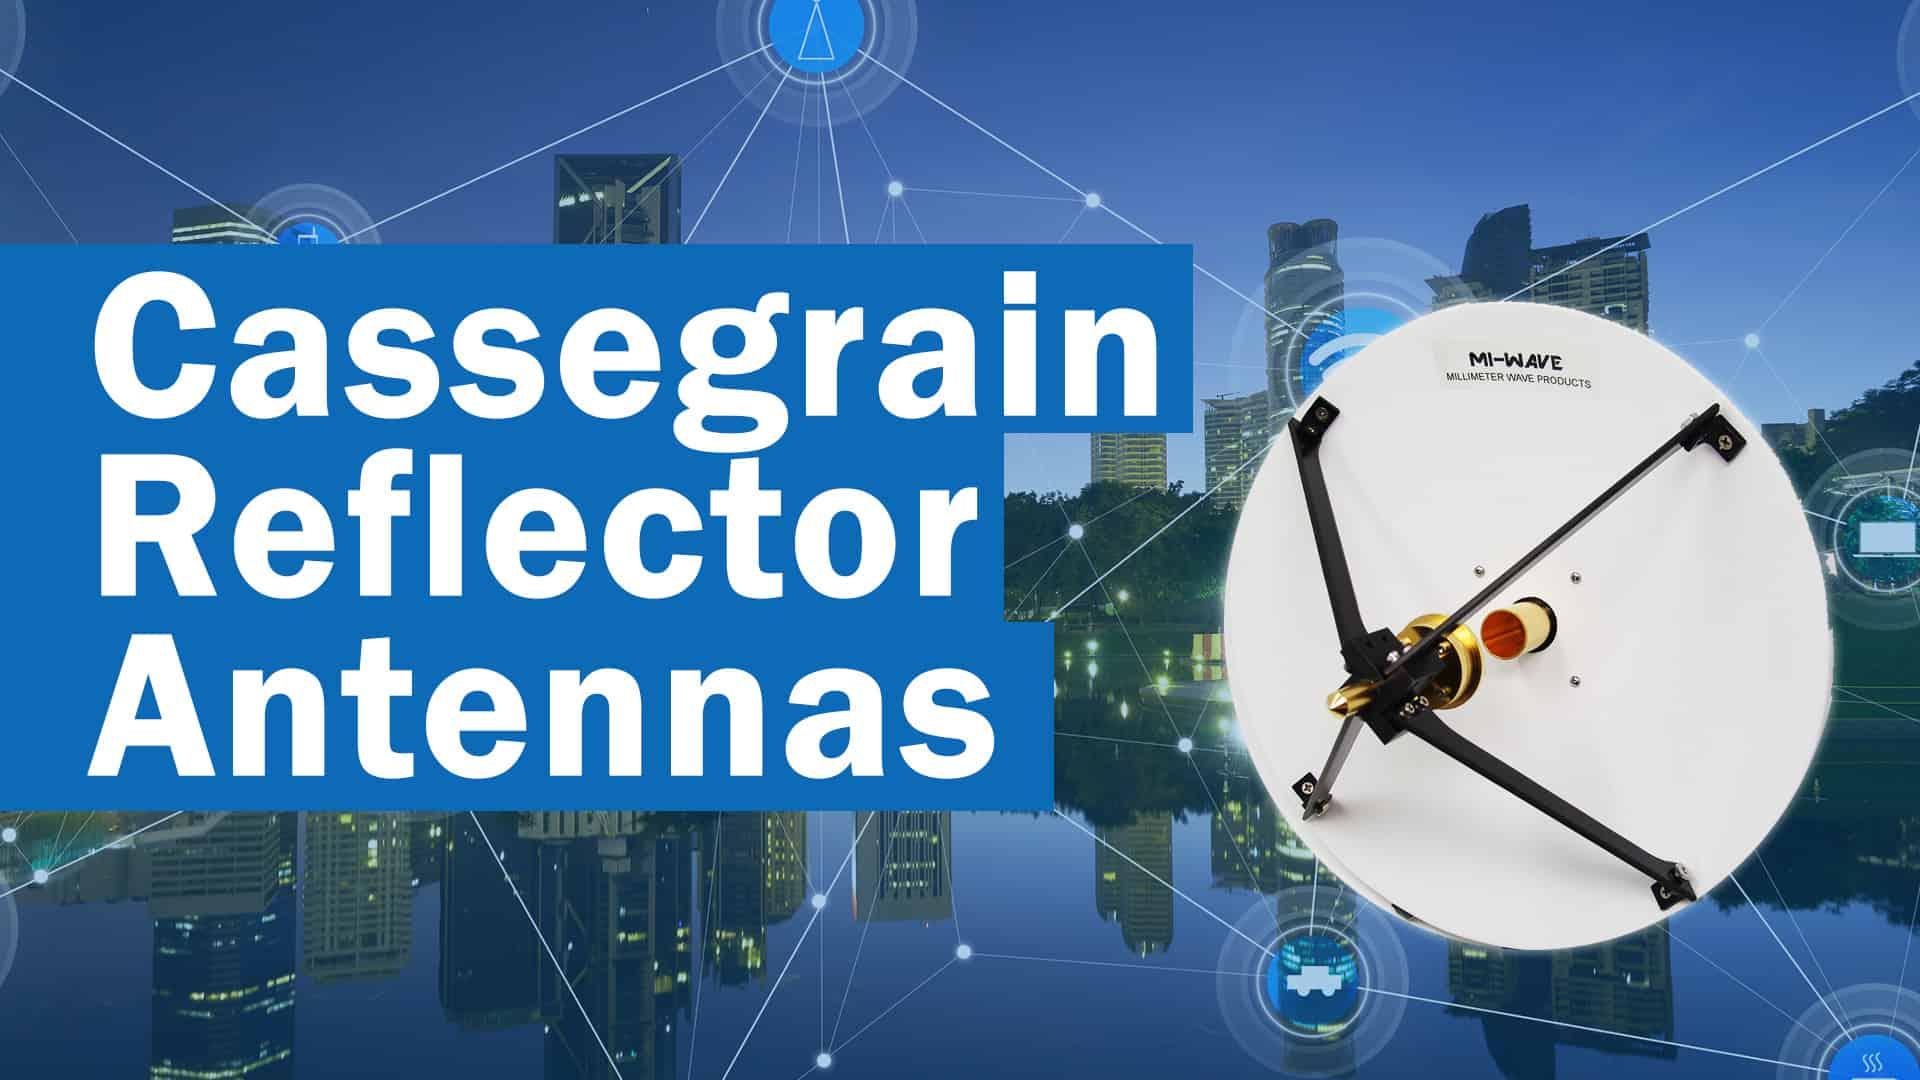 Cassegrain Reflector Antennas